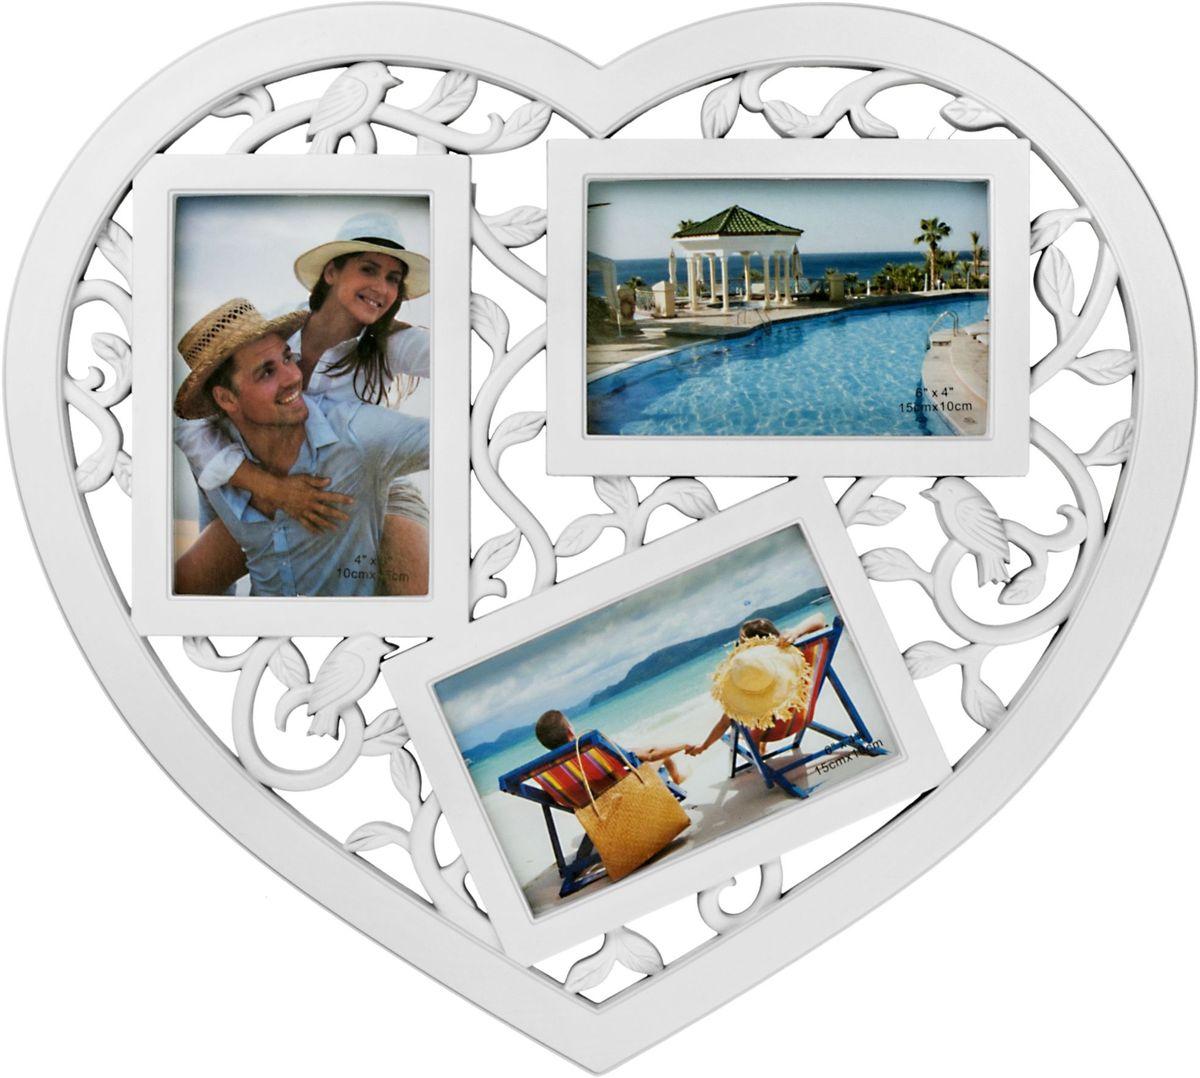 Фоторамка Platinum Сердце, цвет: белый, на 3 фото 10 х 15 смBIN-1123678-White-БелыйФоторамка Platinum Сердце - прекрасный способ красиво оформить ваши фотографии. Фоторамка выполнена из пластика в виде сердца и защищена стеклом.Фоторамка-коллаж представляет собой три фоторамки для фото одного размера оригинально соединенных между собой. Такая фоторамка поможет сохранить в памяти самые яркие моменты вашей жизни, а стильный дизайн сделает ее прекрасным дополнением интерьера комнаты. Фоторамка подходит для фотографий 10 х 15 см. Общий размер фоторамки: 41 х 38 см.